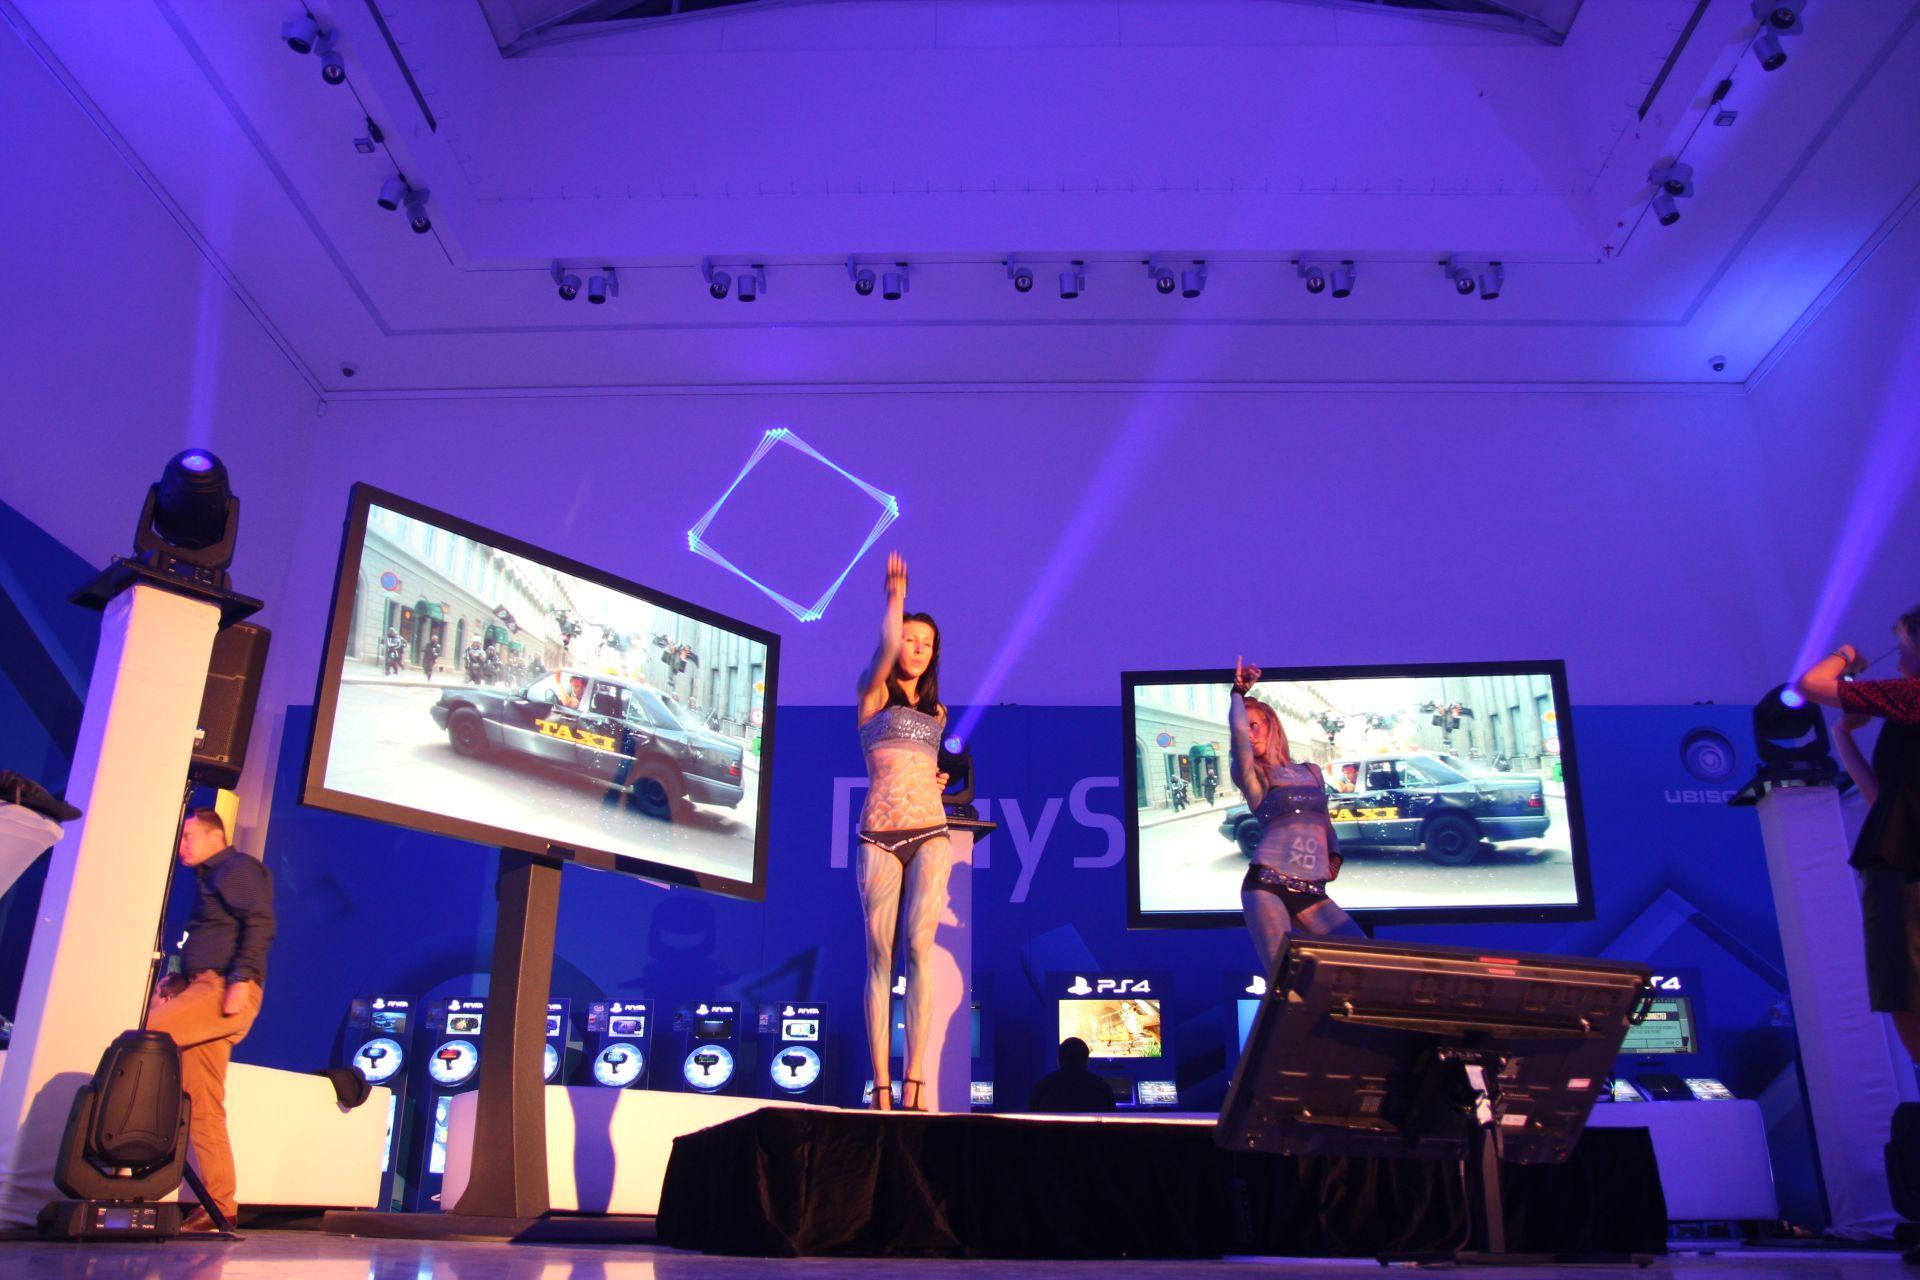 PlayStation Nation – dojmy z prezentovaných her a zahajovacího večírku 100911